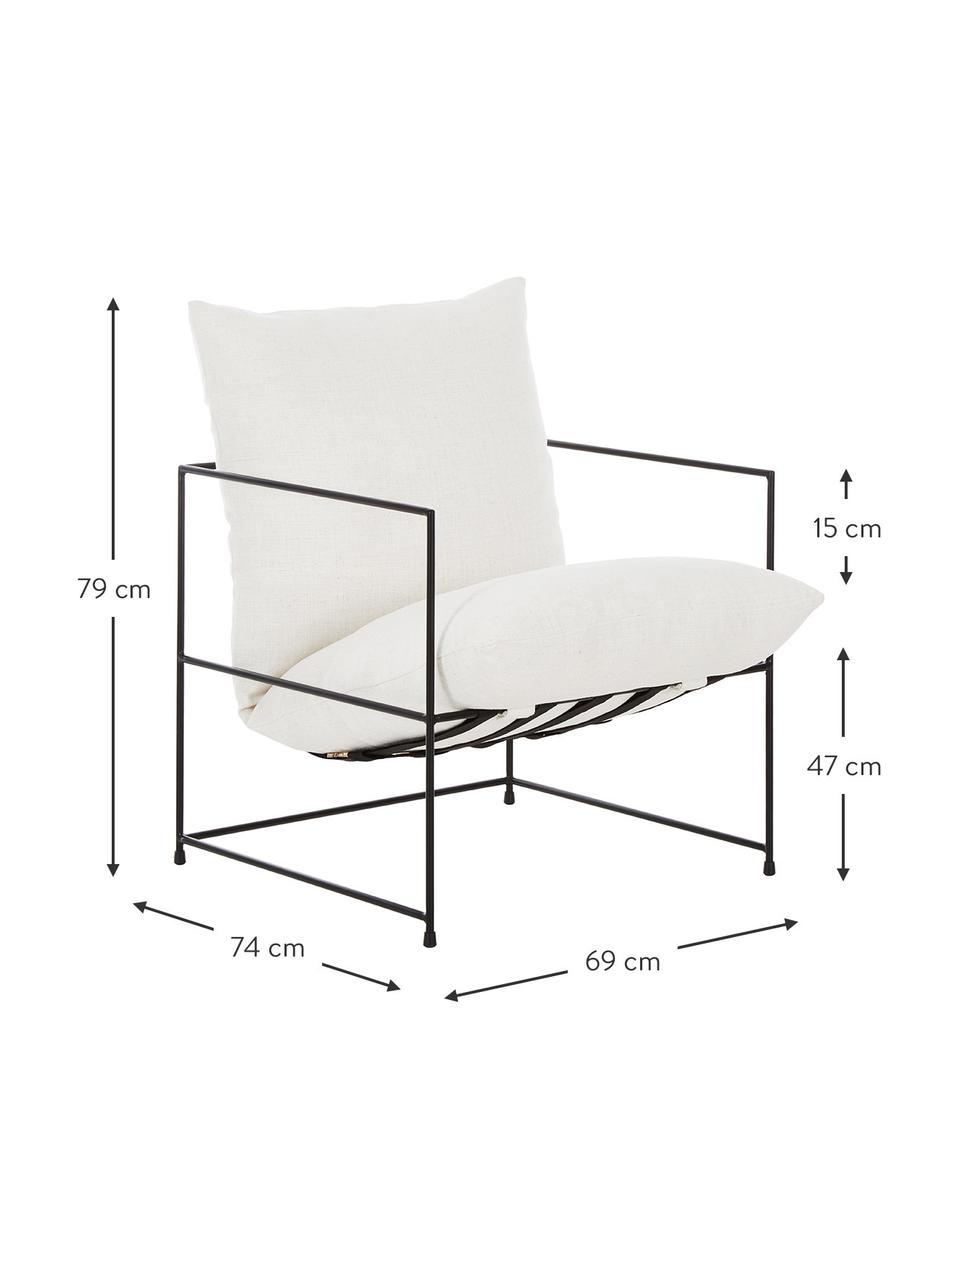 Gestoffeerde fauteuil Wayne met metalen frame, Bekleding: 80 % polyester, 20 % kato, Frame: gepoedercoat metaal, Geweven stof wit, B 69 x D 74 cm